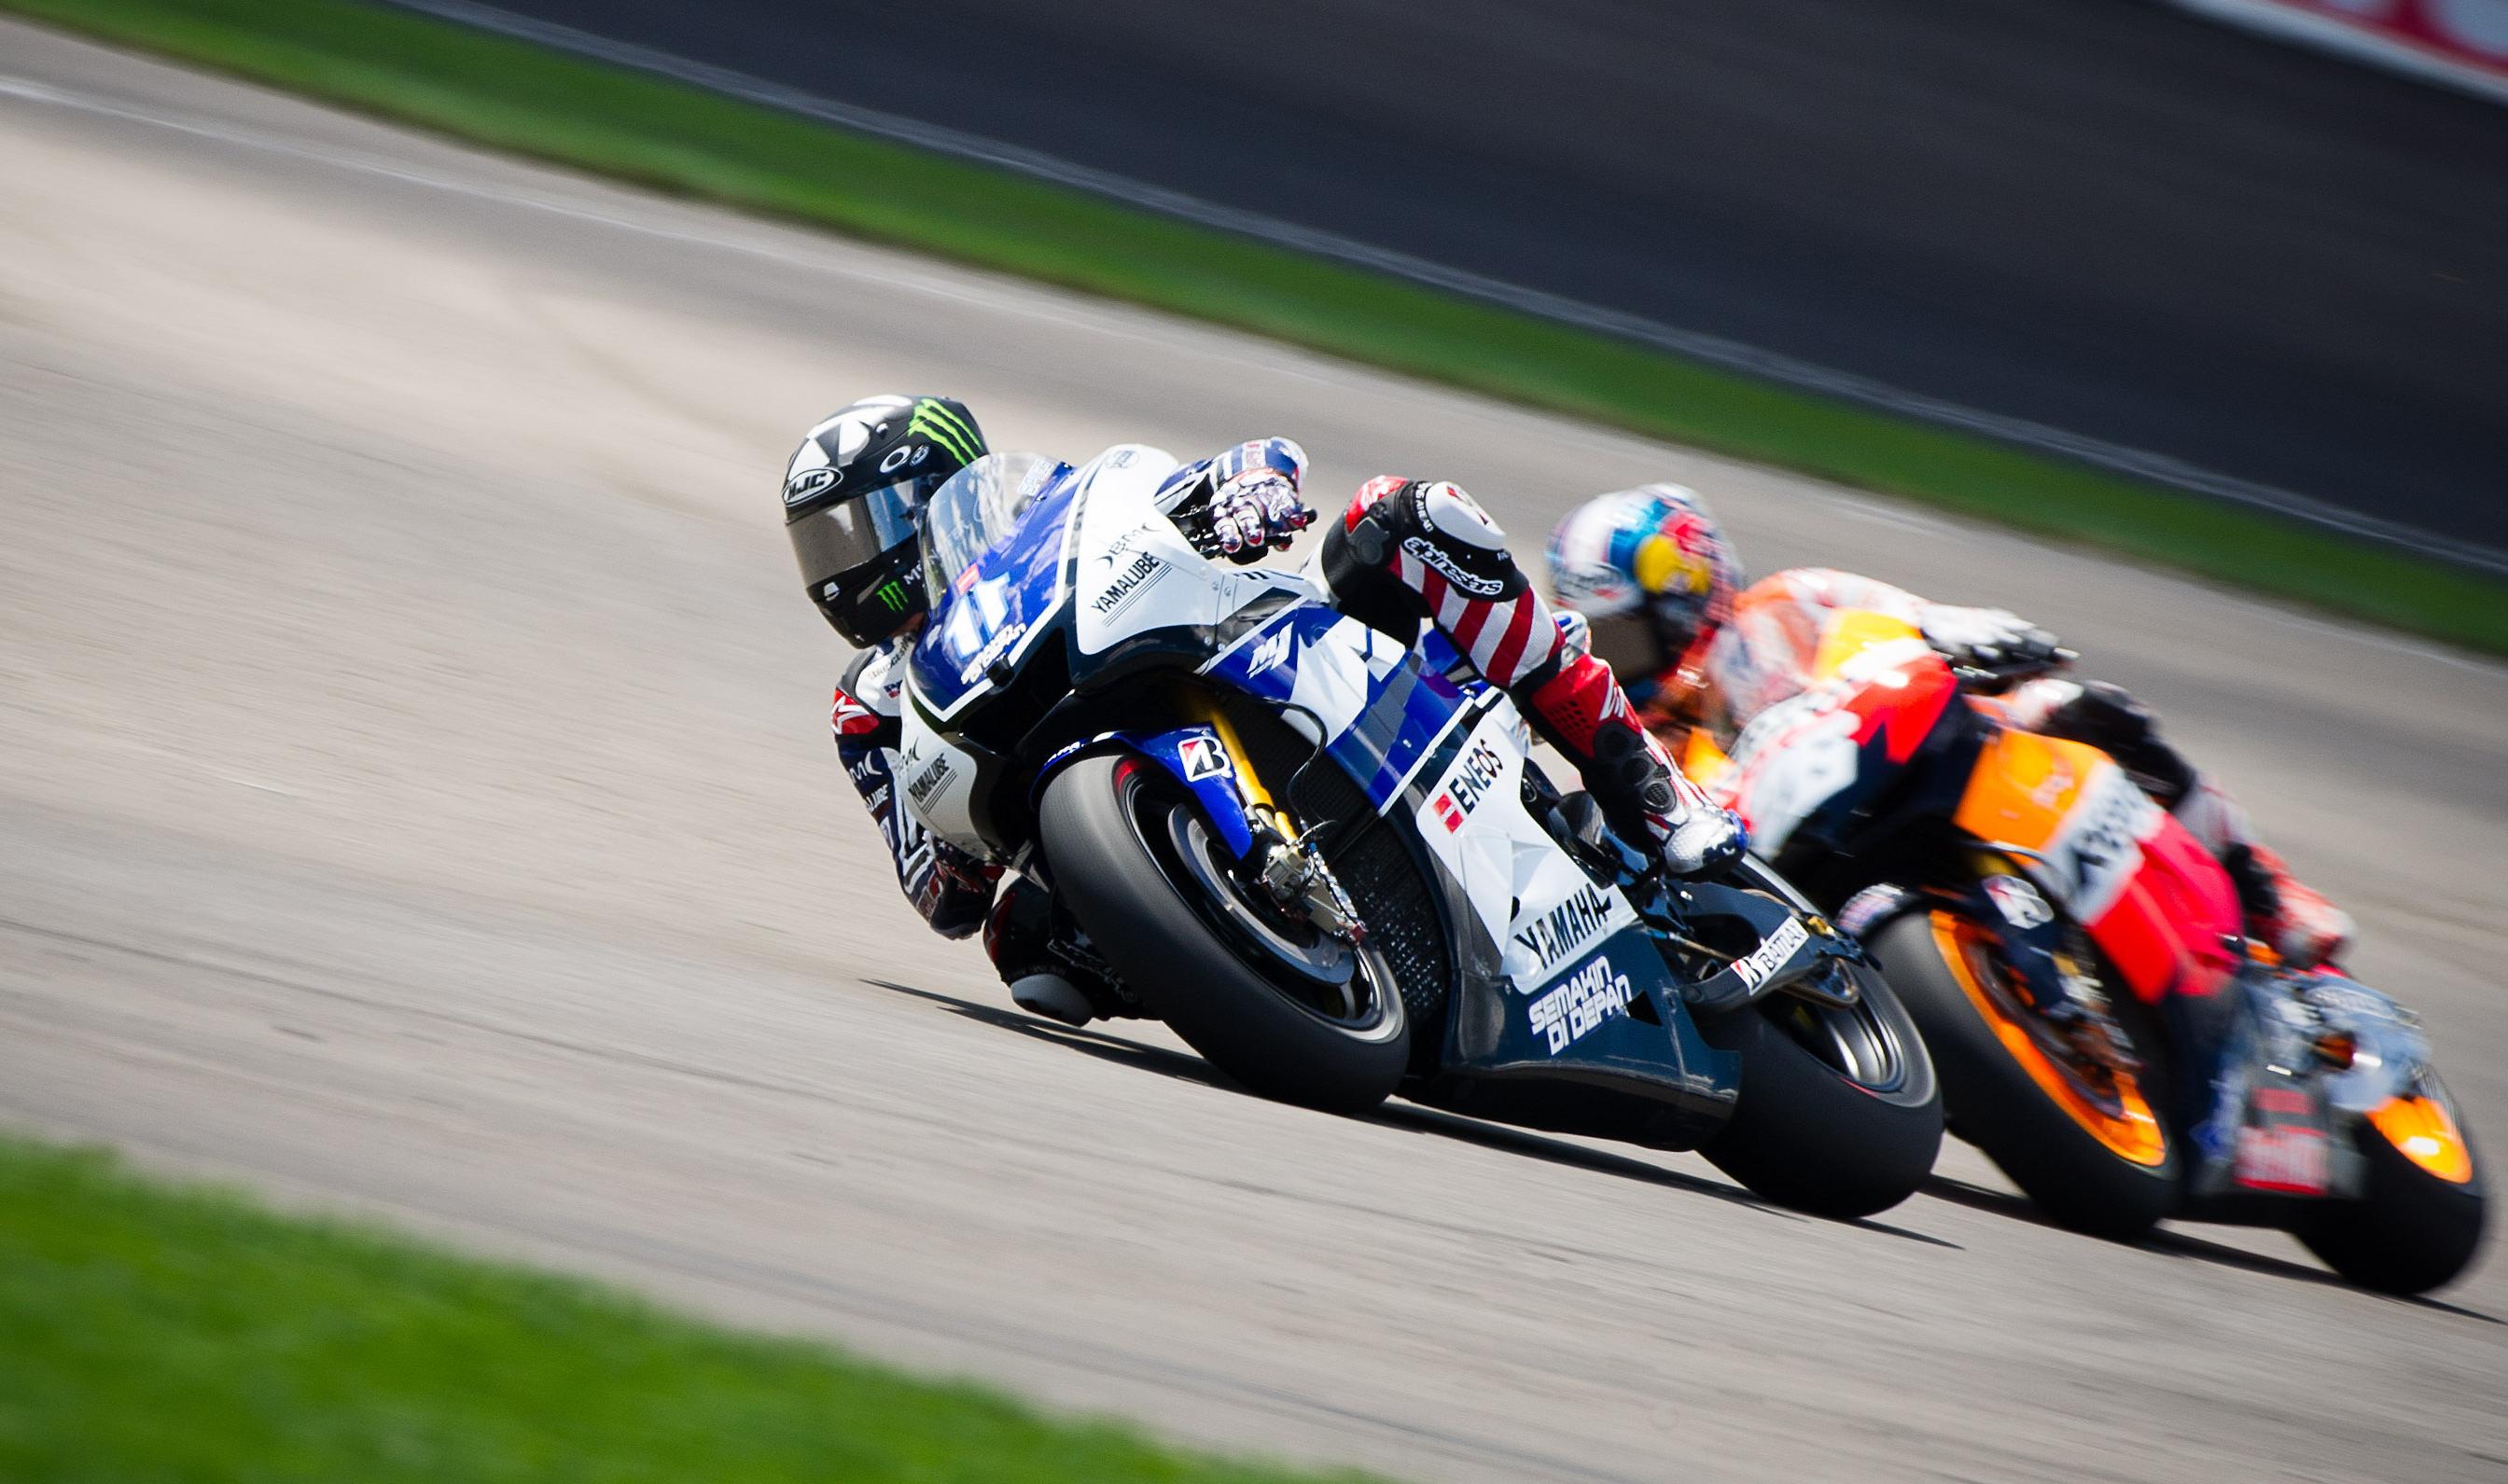 вираж гонка мотоциклы  № 3300069 бесплатно